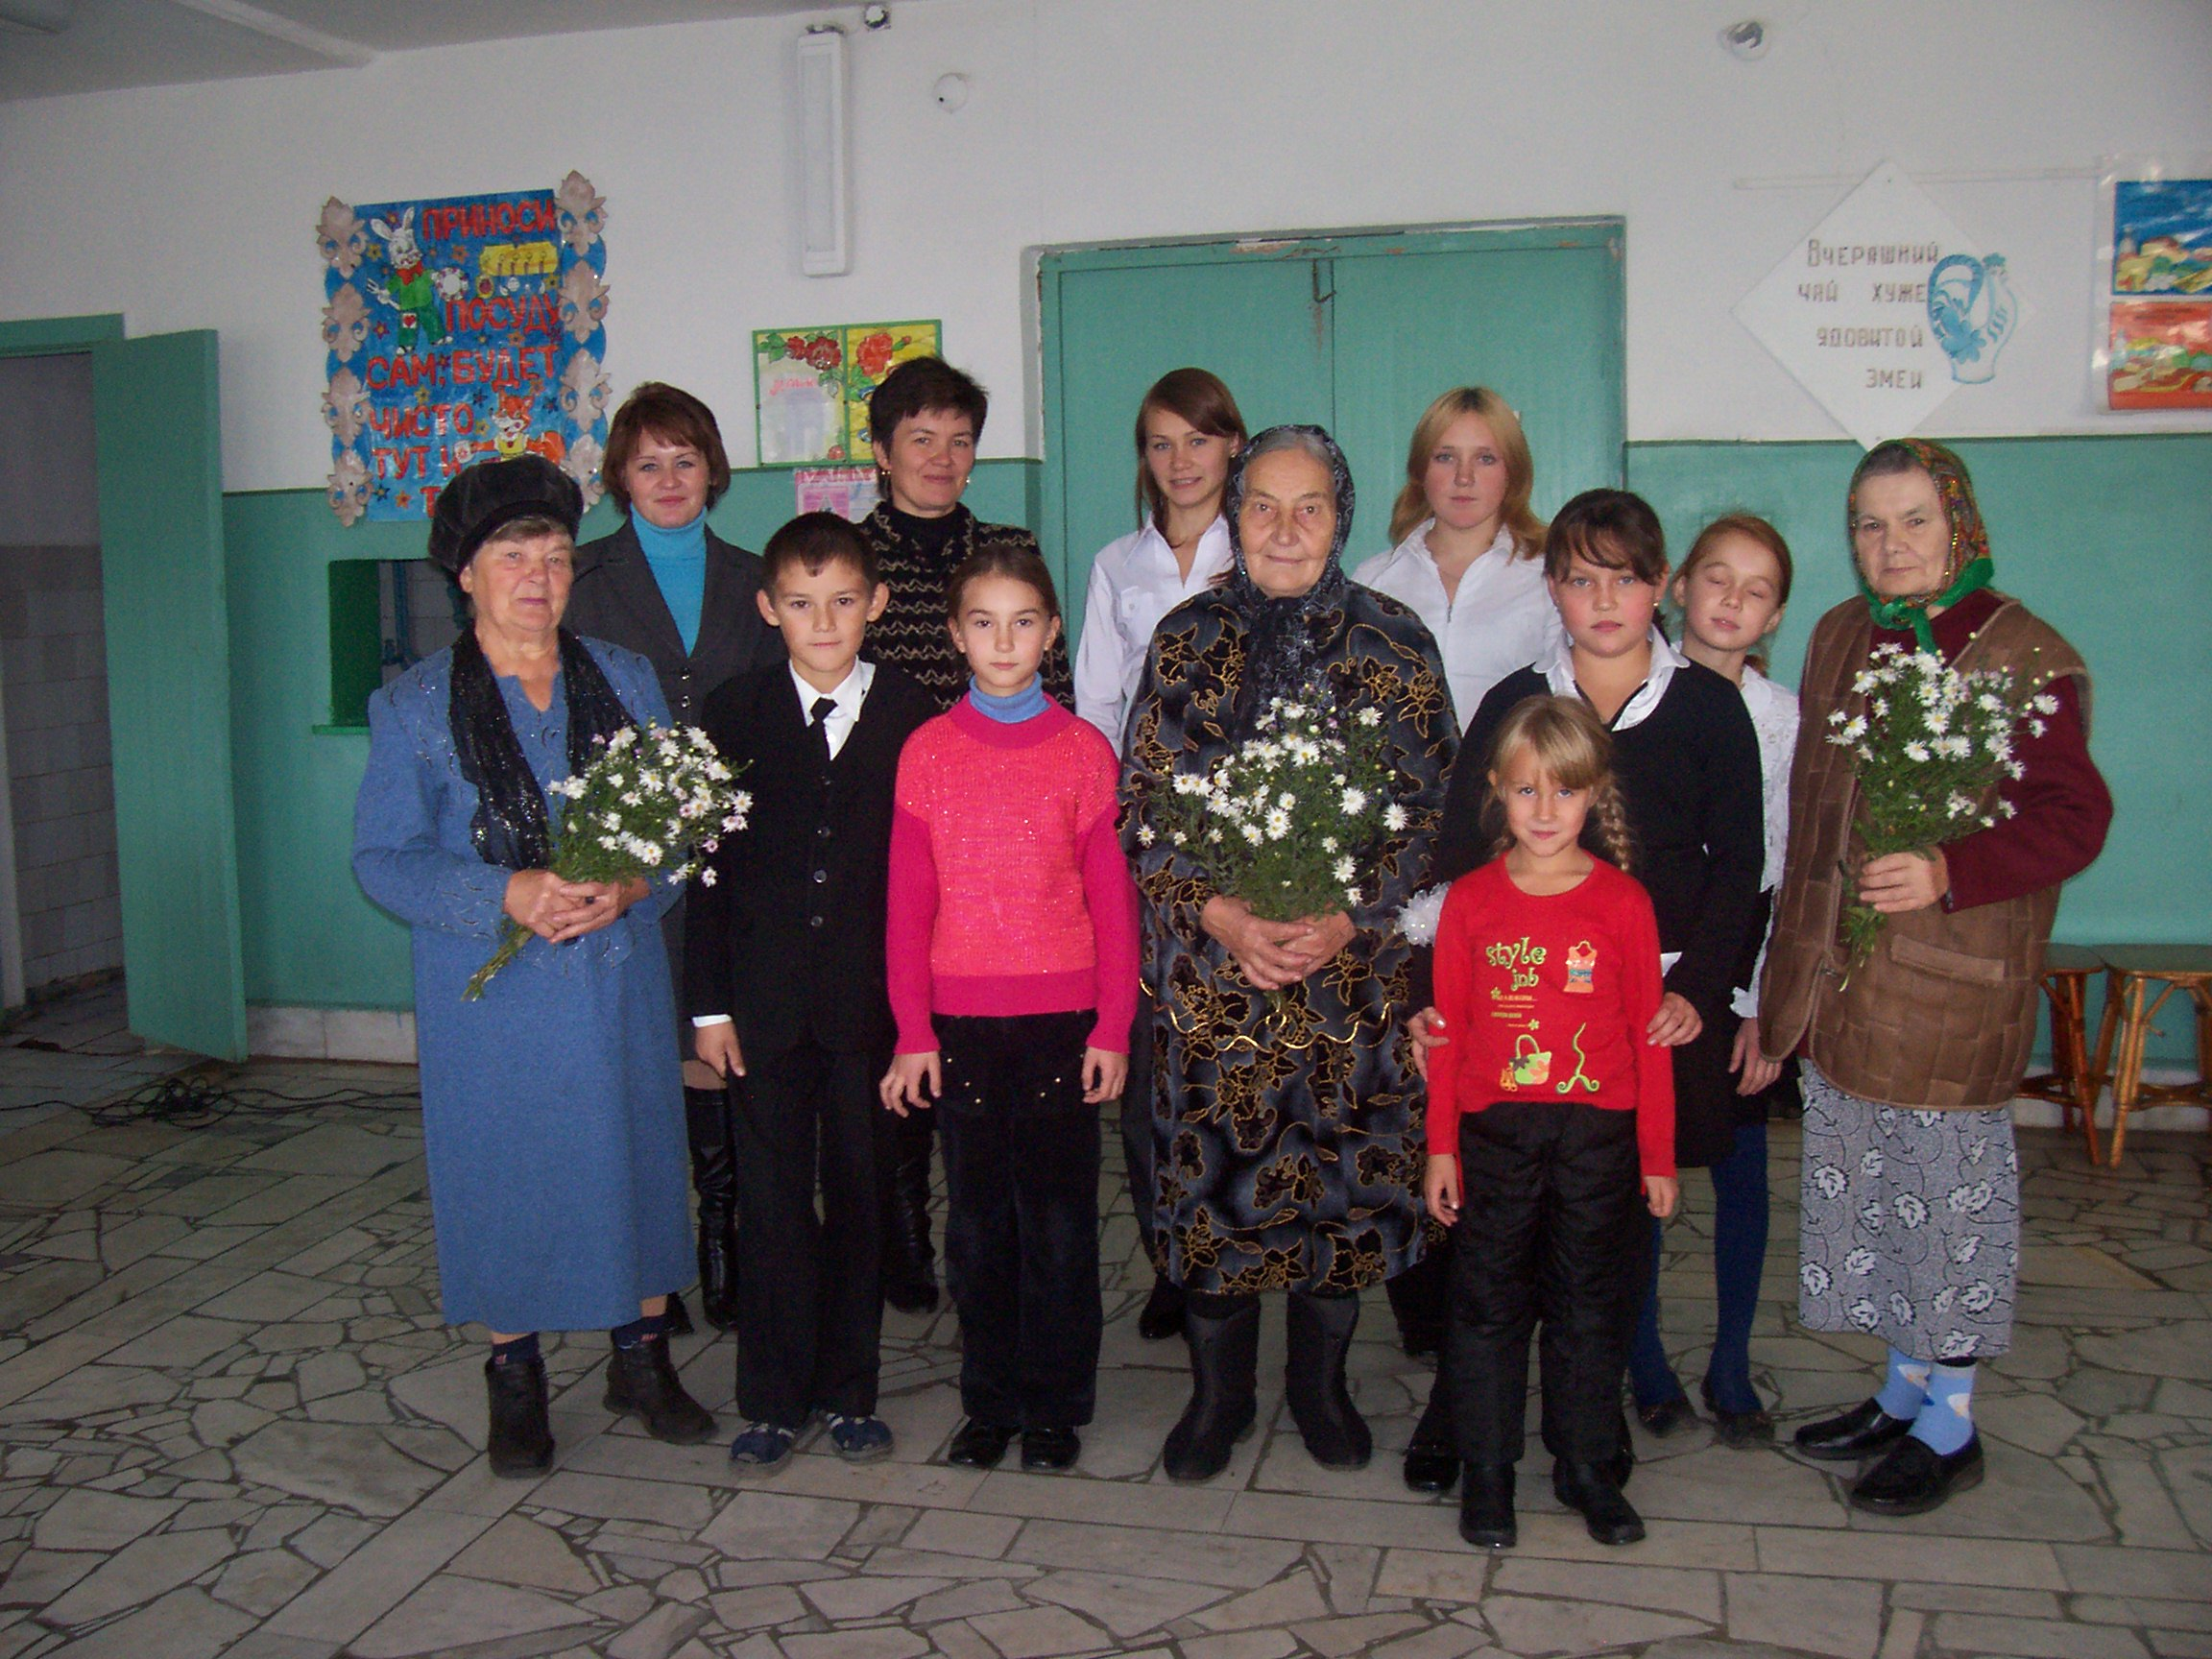 День города праздник во владивостоке